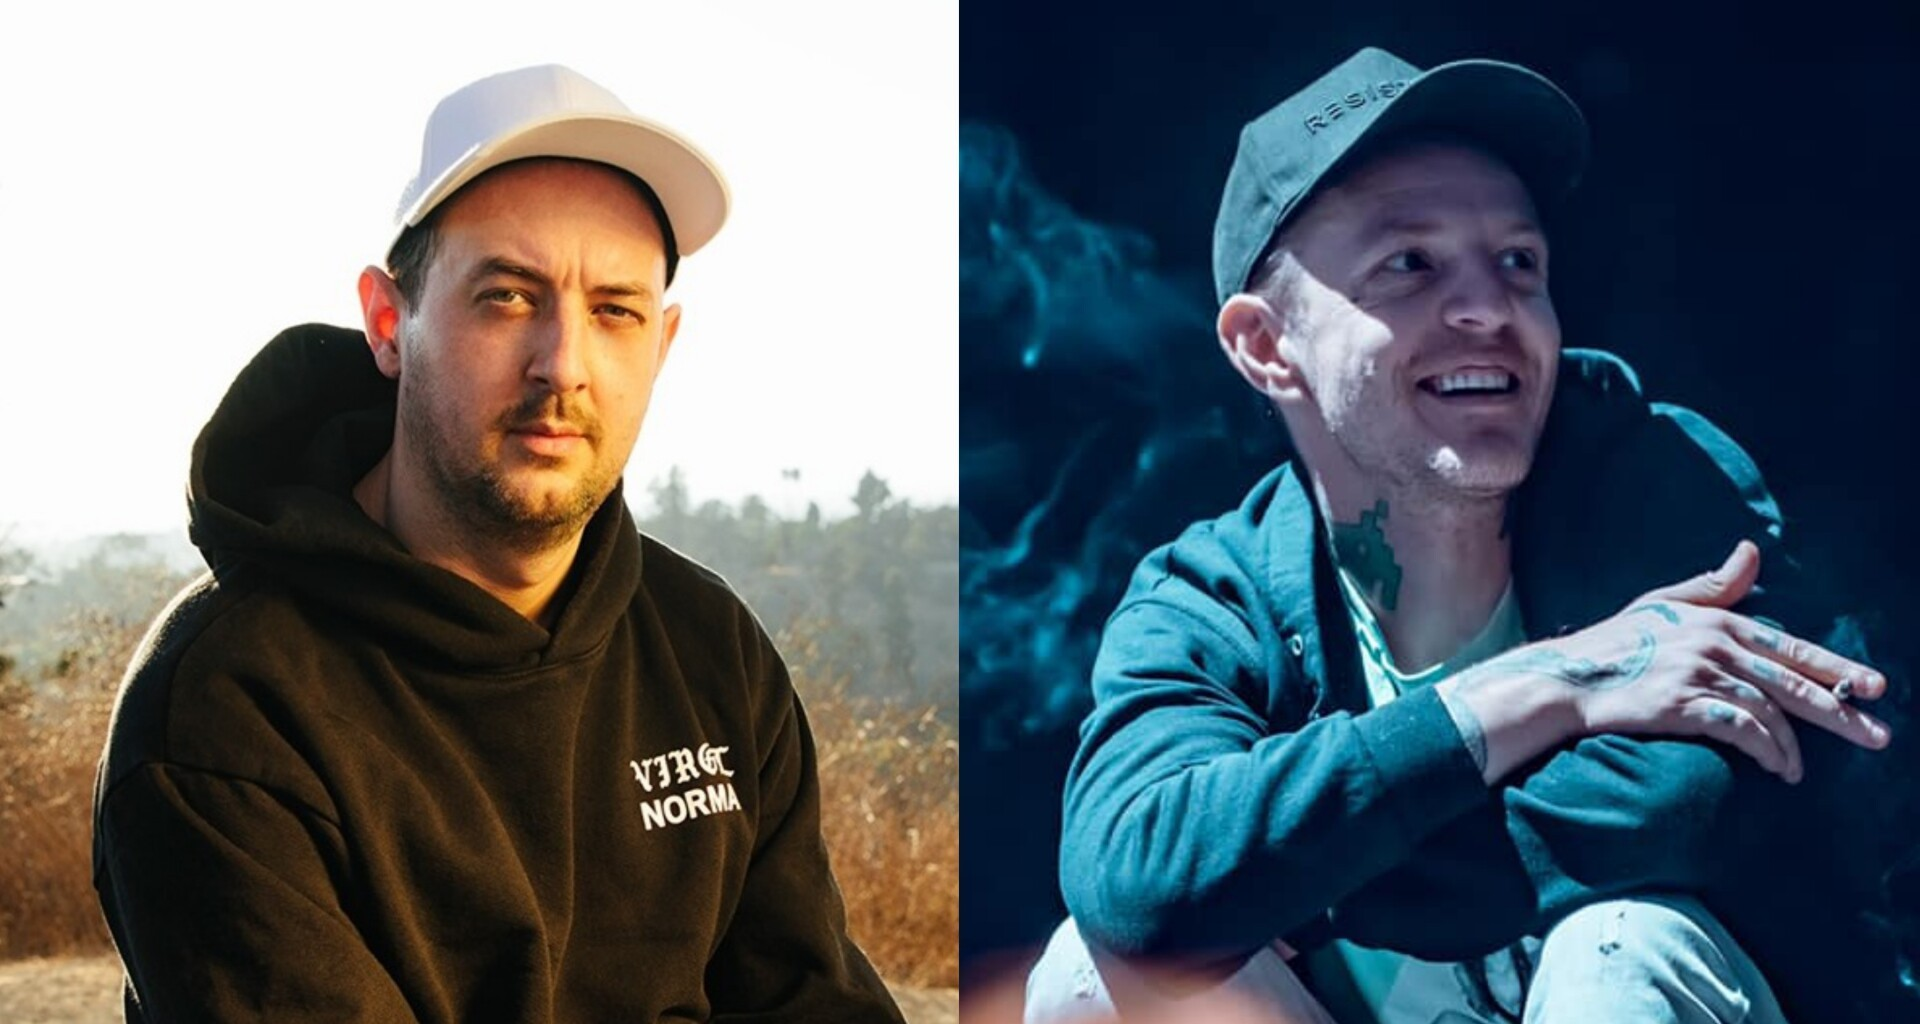 Deadmau 5(デッドマウス)とWolfgang Gartner(ウルフギャング・ガートナー)が8年ぶりとなるコラボ曲を1月7日にリリース!